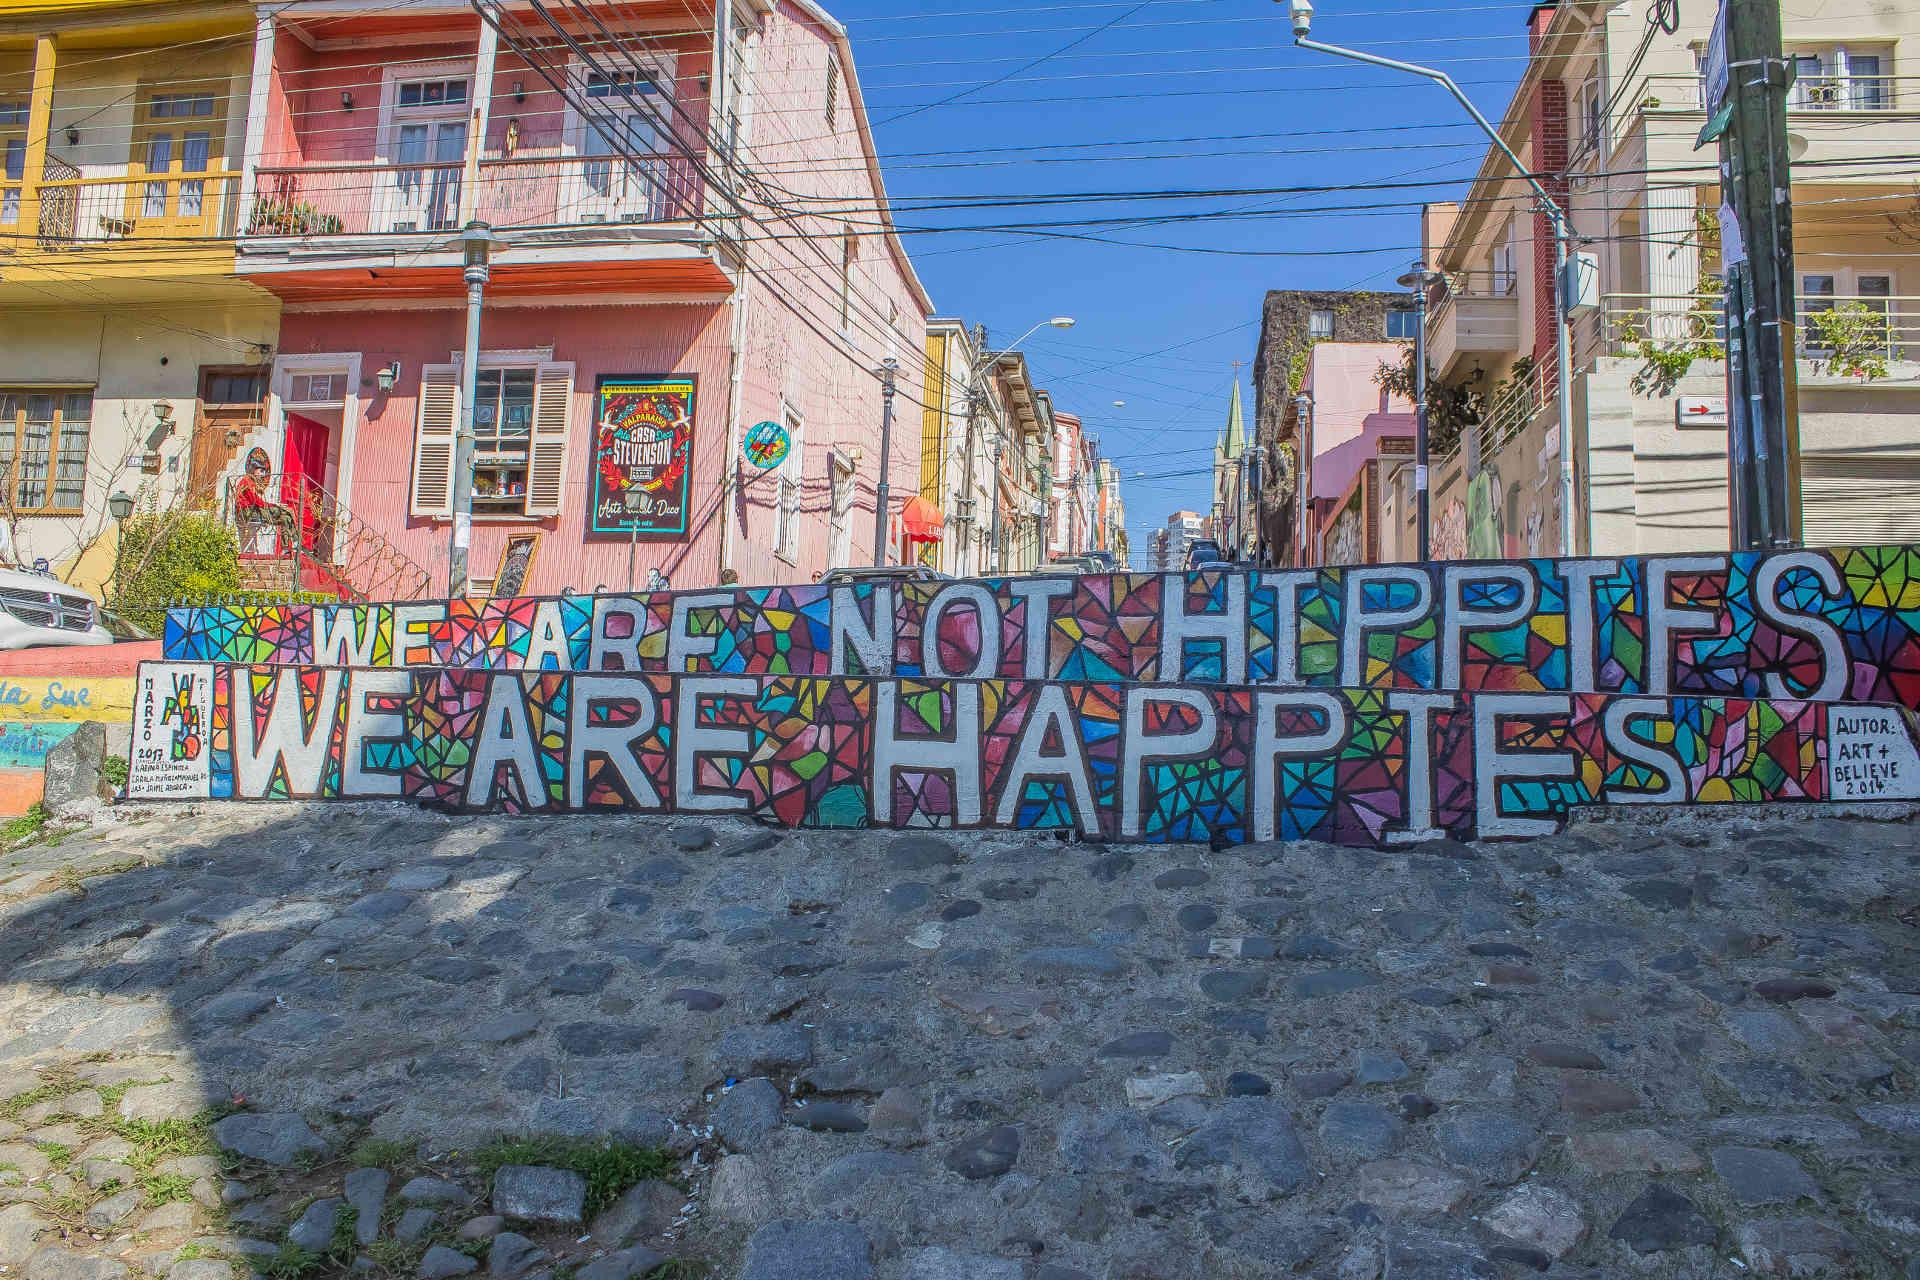 Mozaico Hippies, Calle Templeman